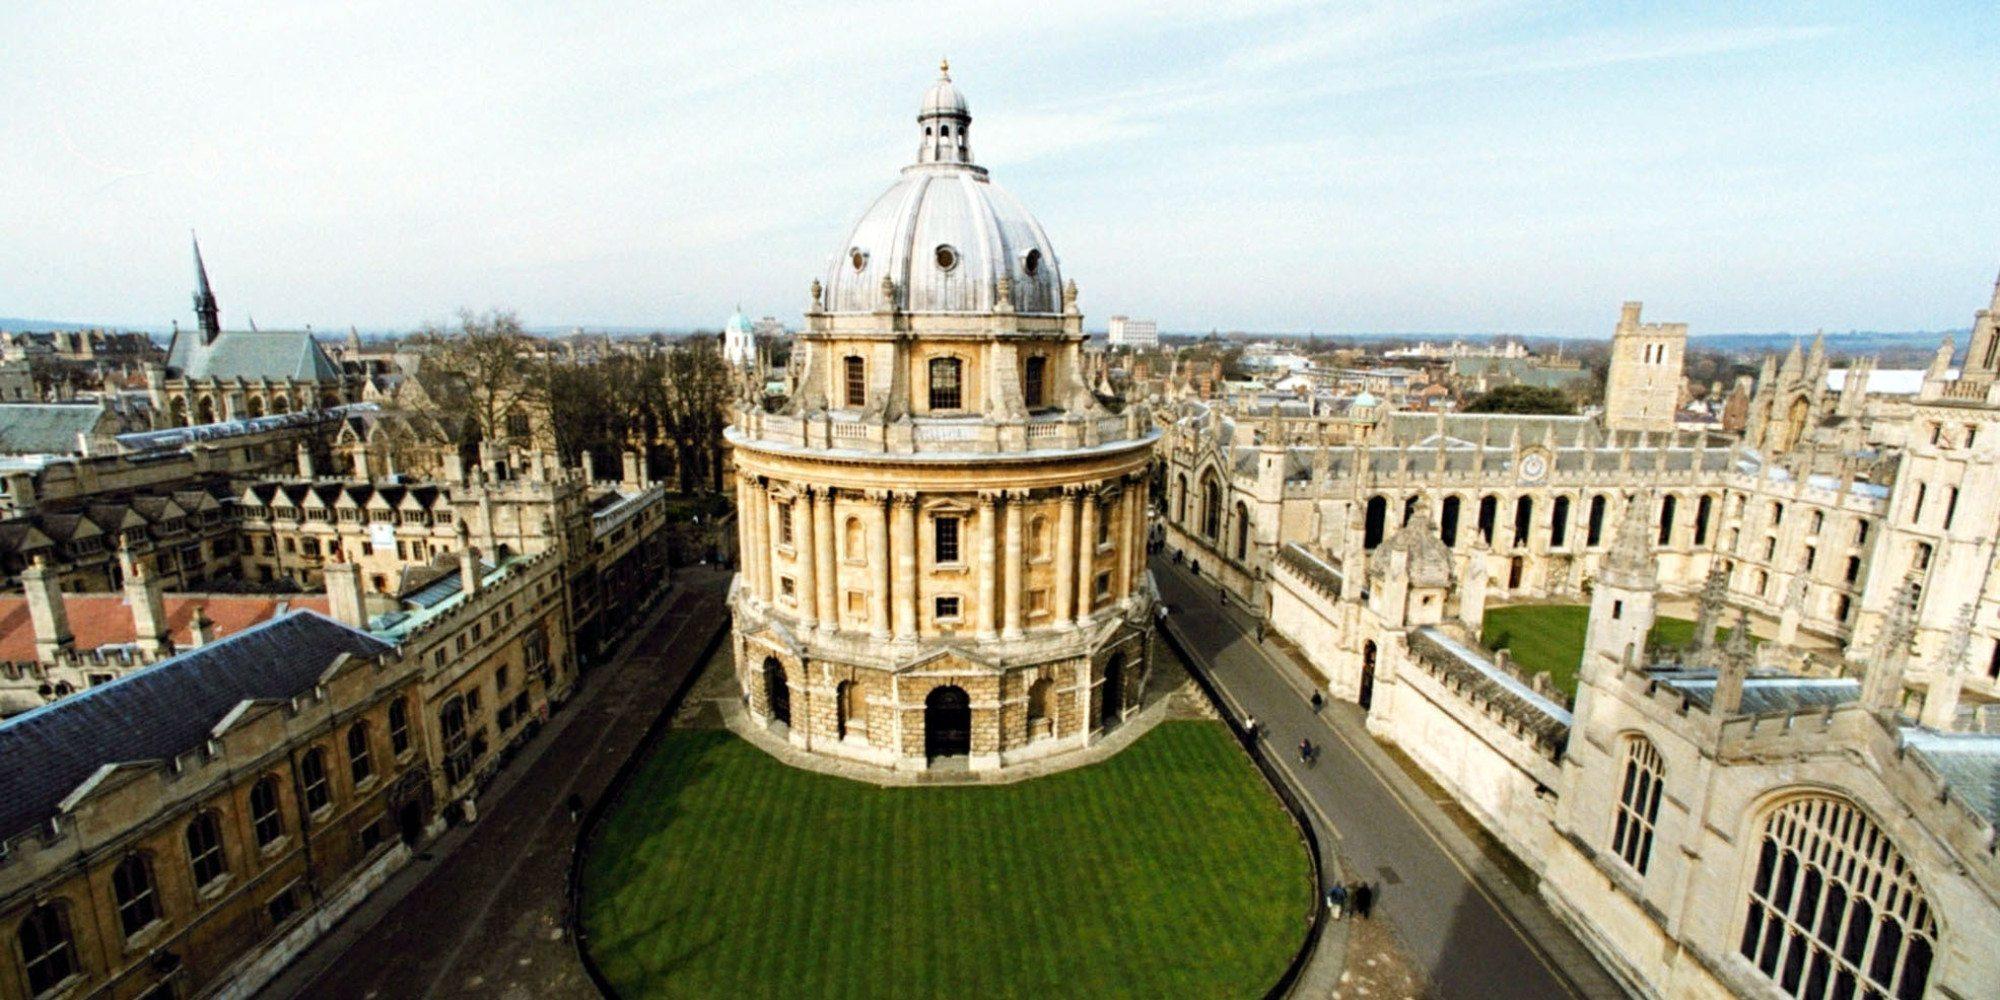 Đến với Oxford, ngôi trường Đại học lâu đời nhất nước Anh | Du Học Online -  Chia sẻ thông tin du học, tư vấn visa du học